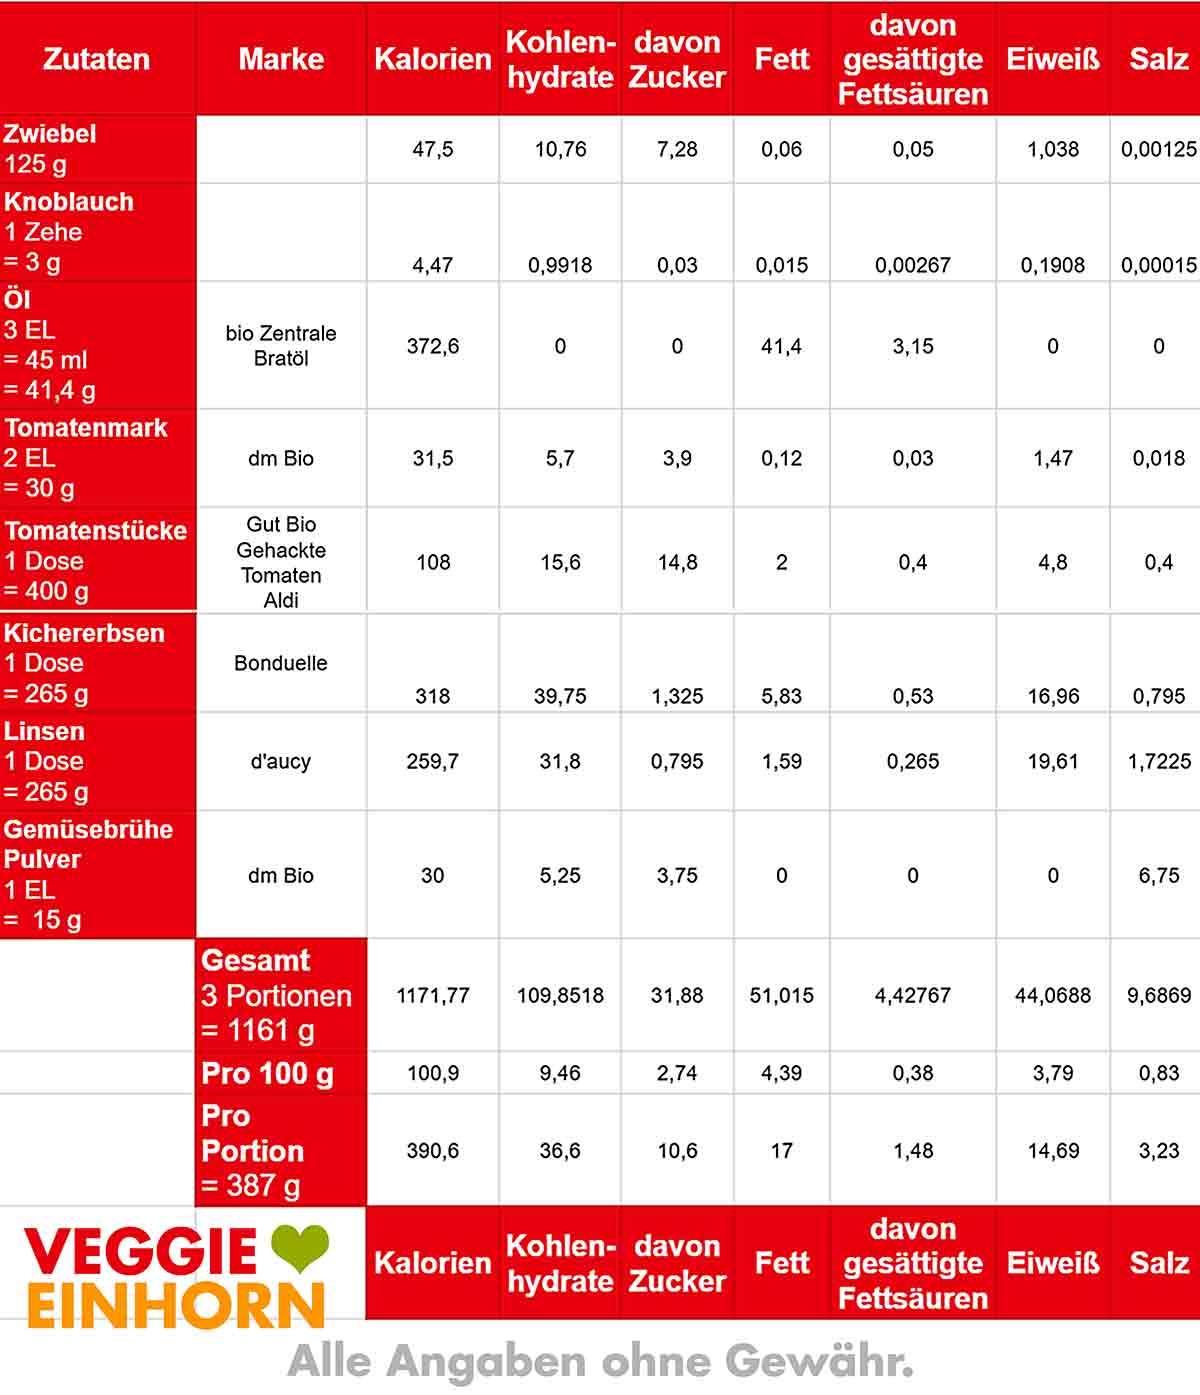 Nährwerte Tabelle für Kichererbsen Linsen Eintopf